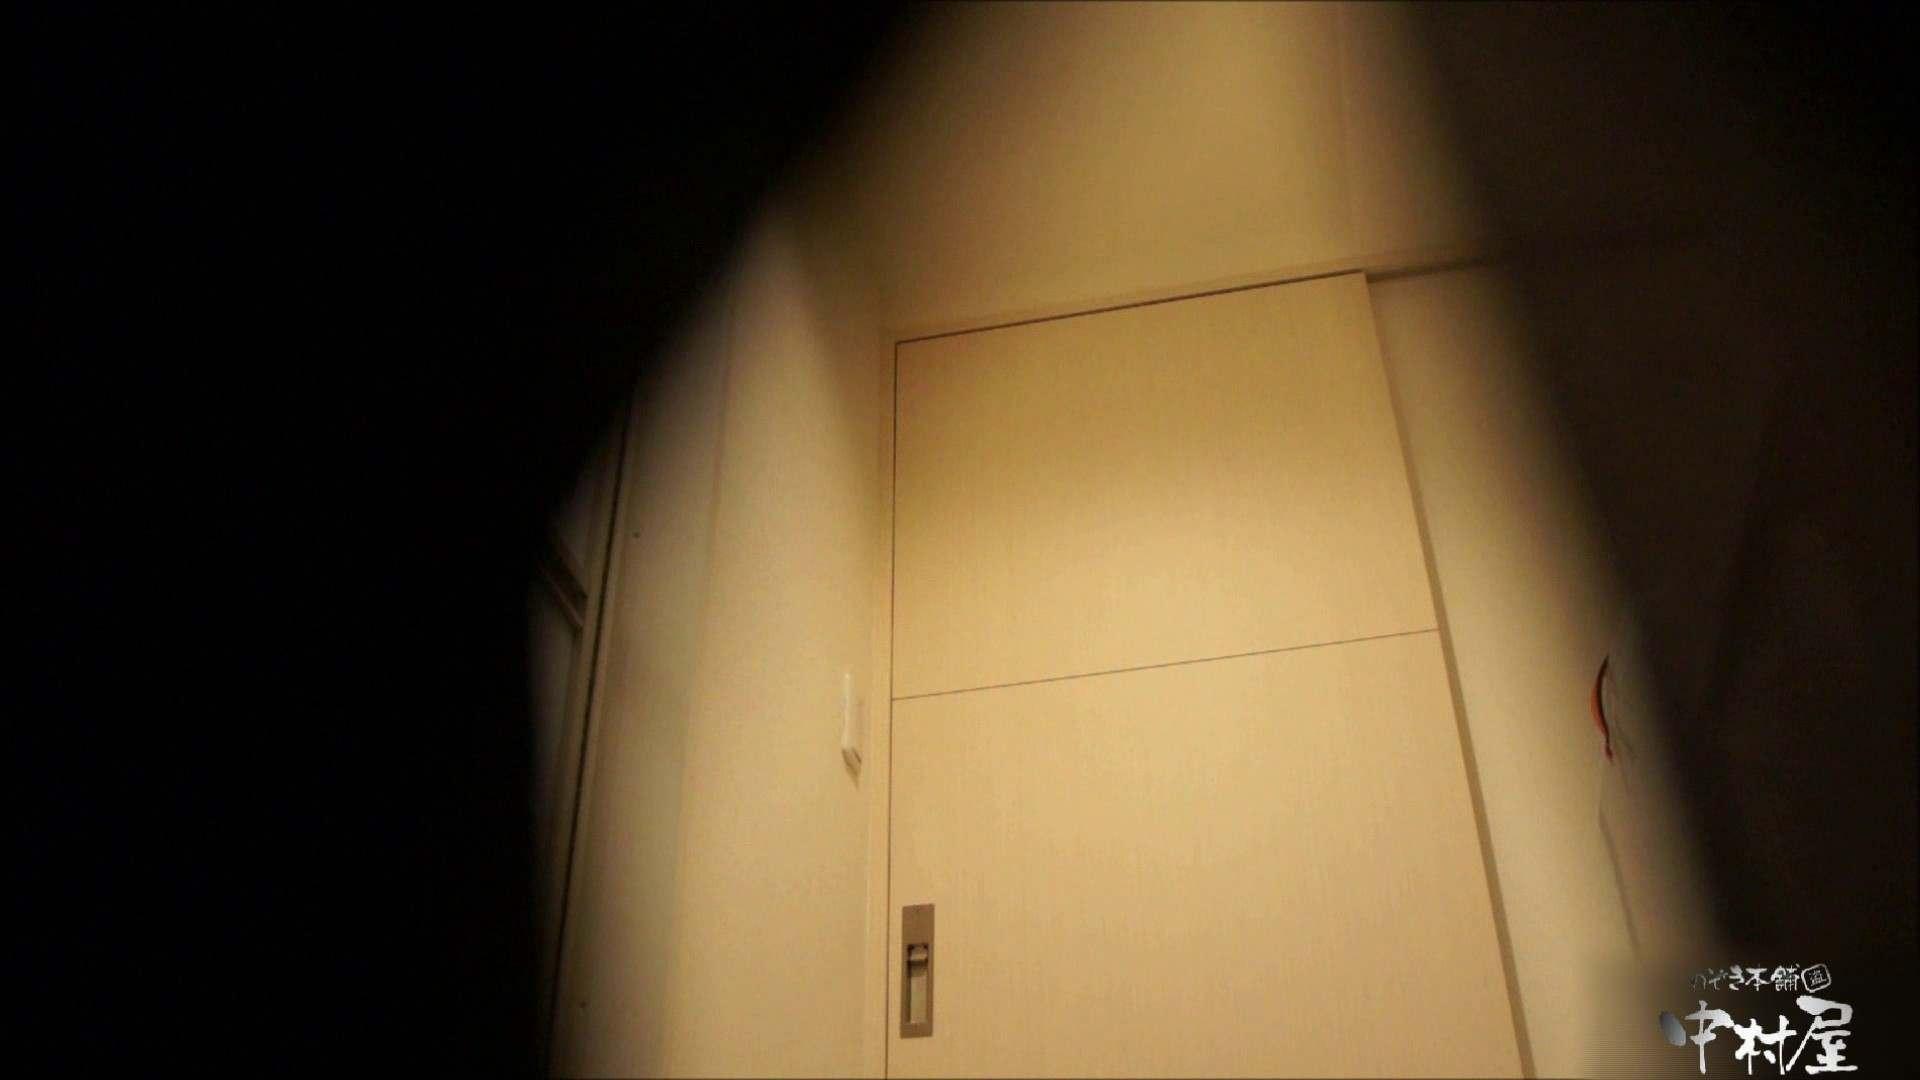 二人とも育てた甲斐がありました…vol.59【小春】脱衣所とオナニー隠し撮り 前編 美しいOLの裸体 おめこ無修正動画無料 98pic 77